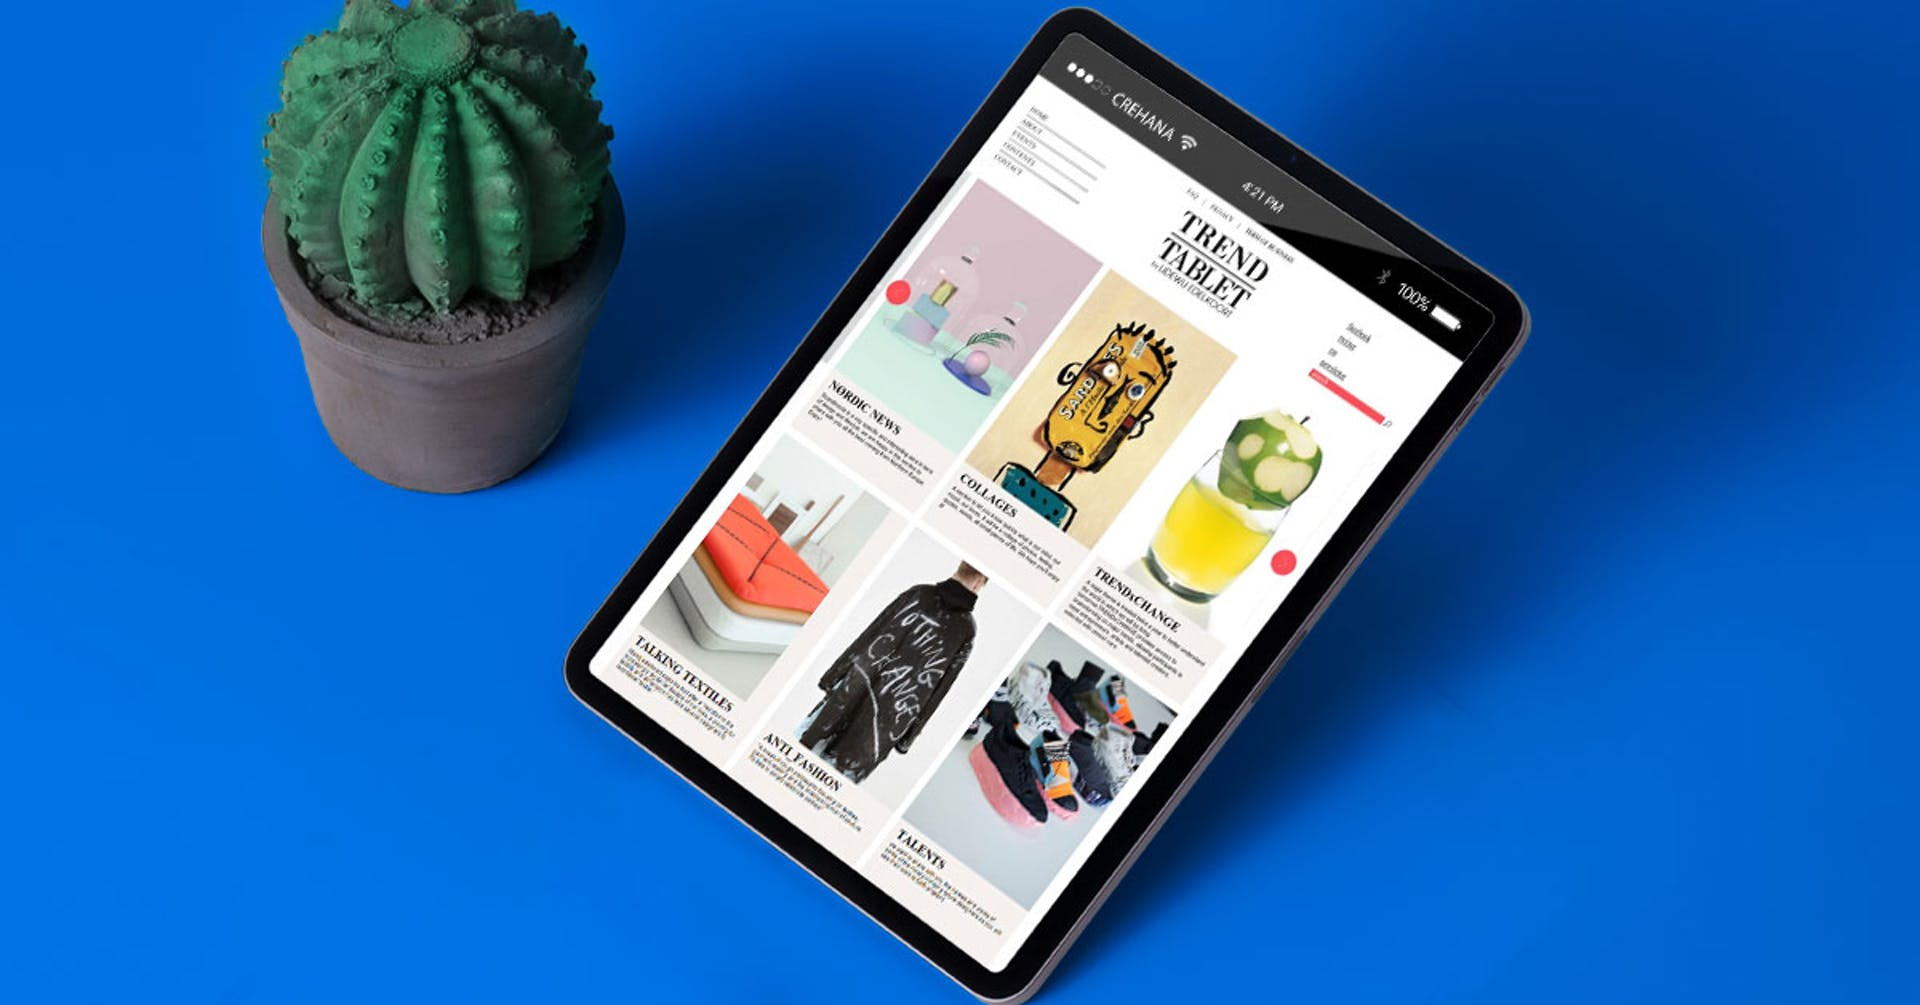 Dibujo digital: por qué deberías comenzar a usar una tablet para dibujar